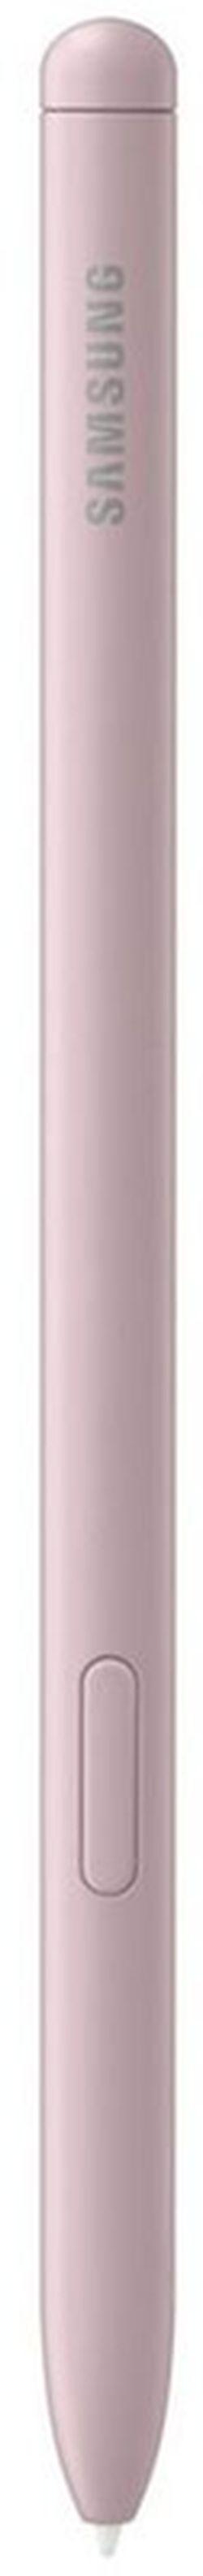 Tableta Samsung SM-P615 Galaxy Tab S6 Lite 10.4 LTE 4Gb/64Gb Pink